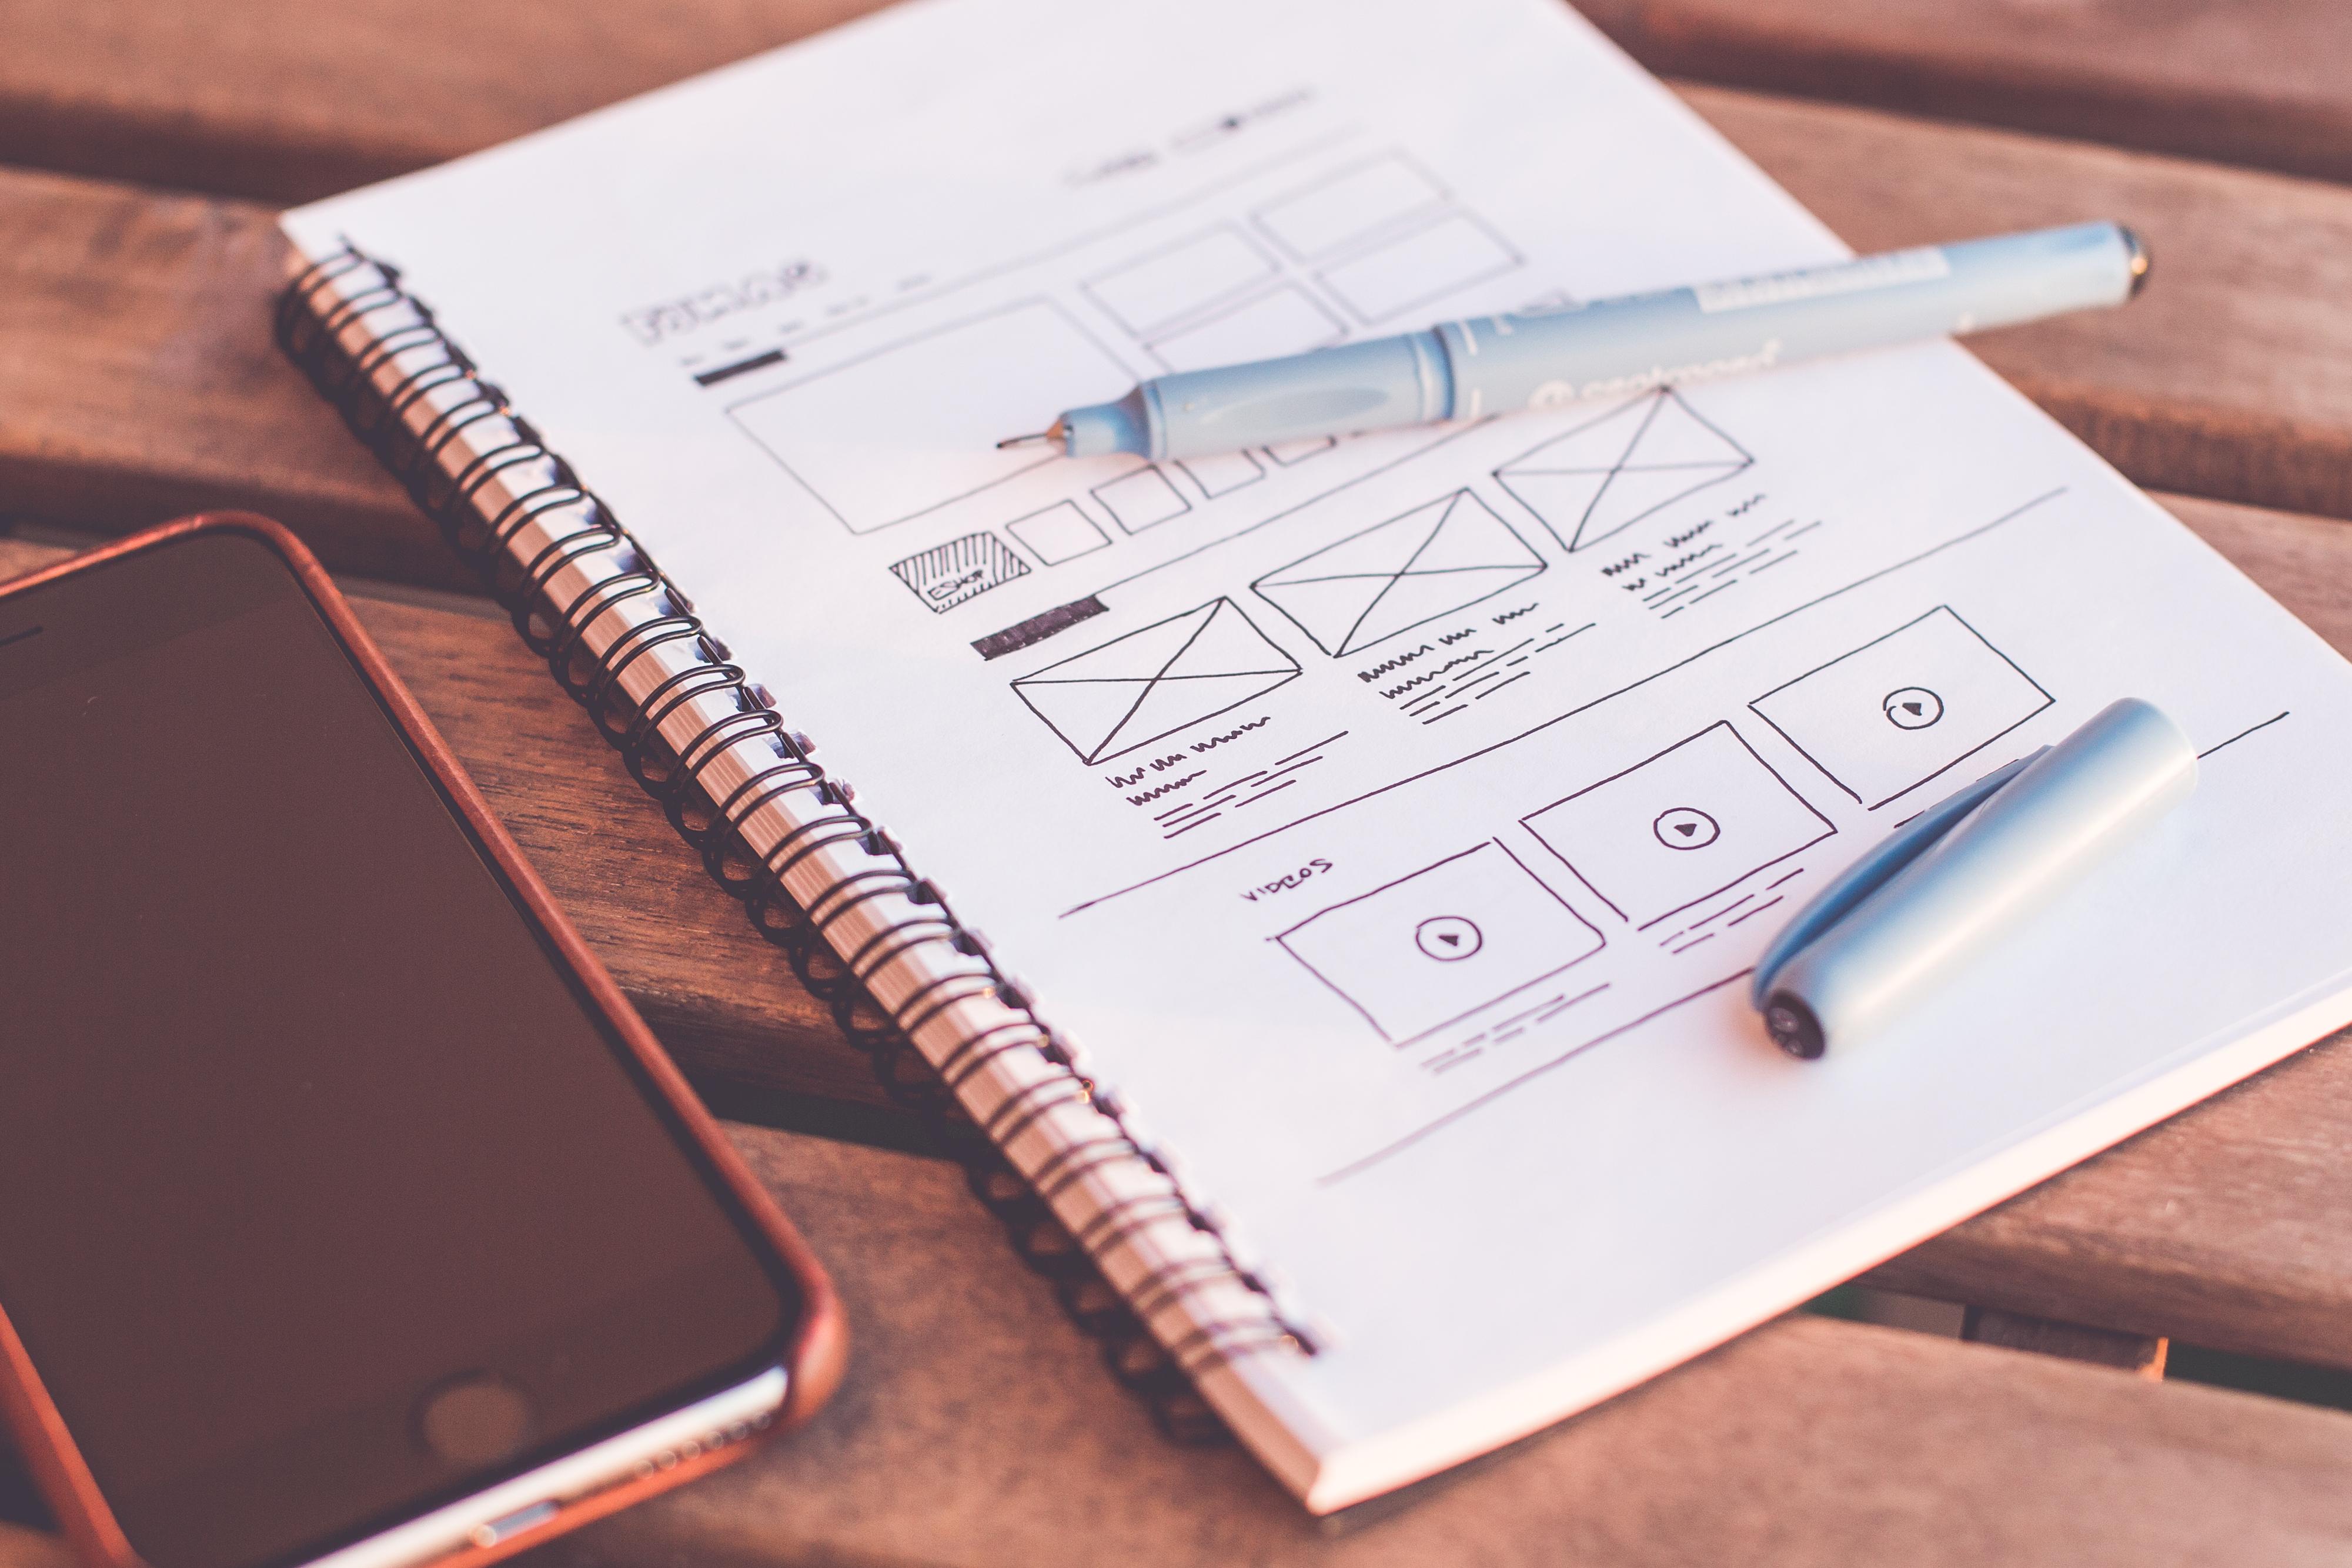 webdesign sketch